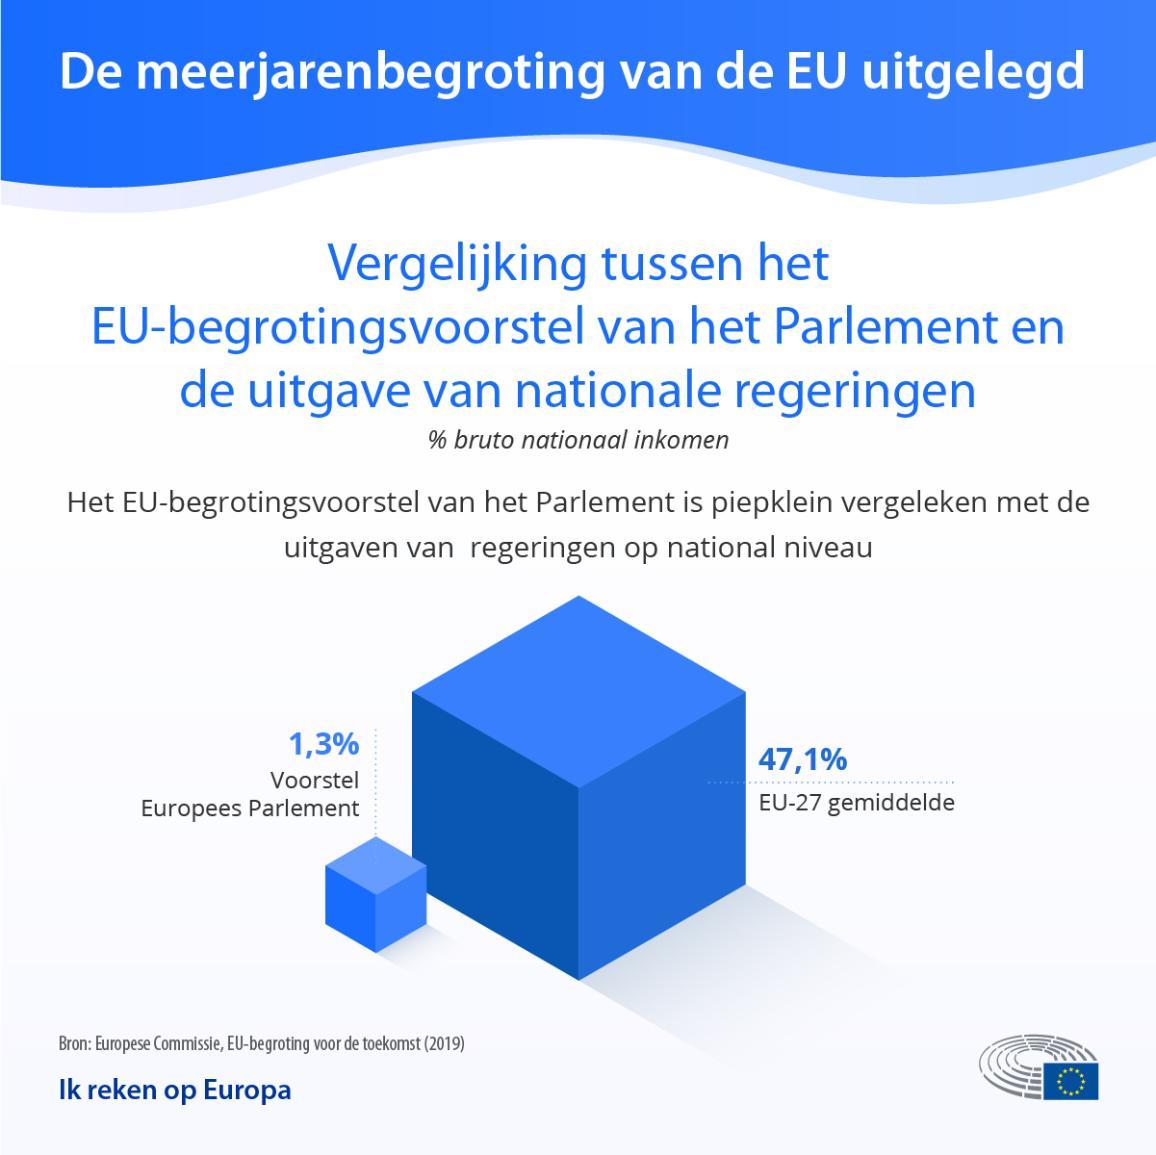 EU begroting vergeleken met nationale uitgaven